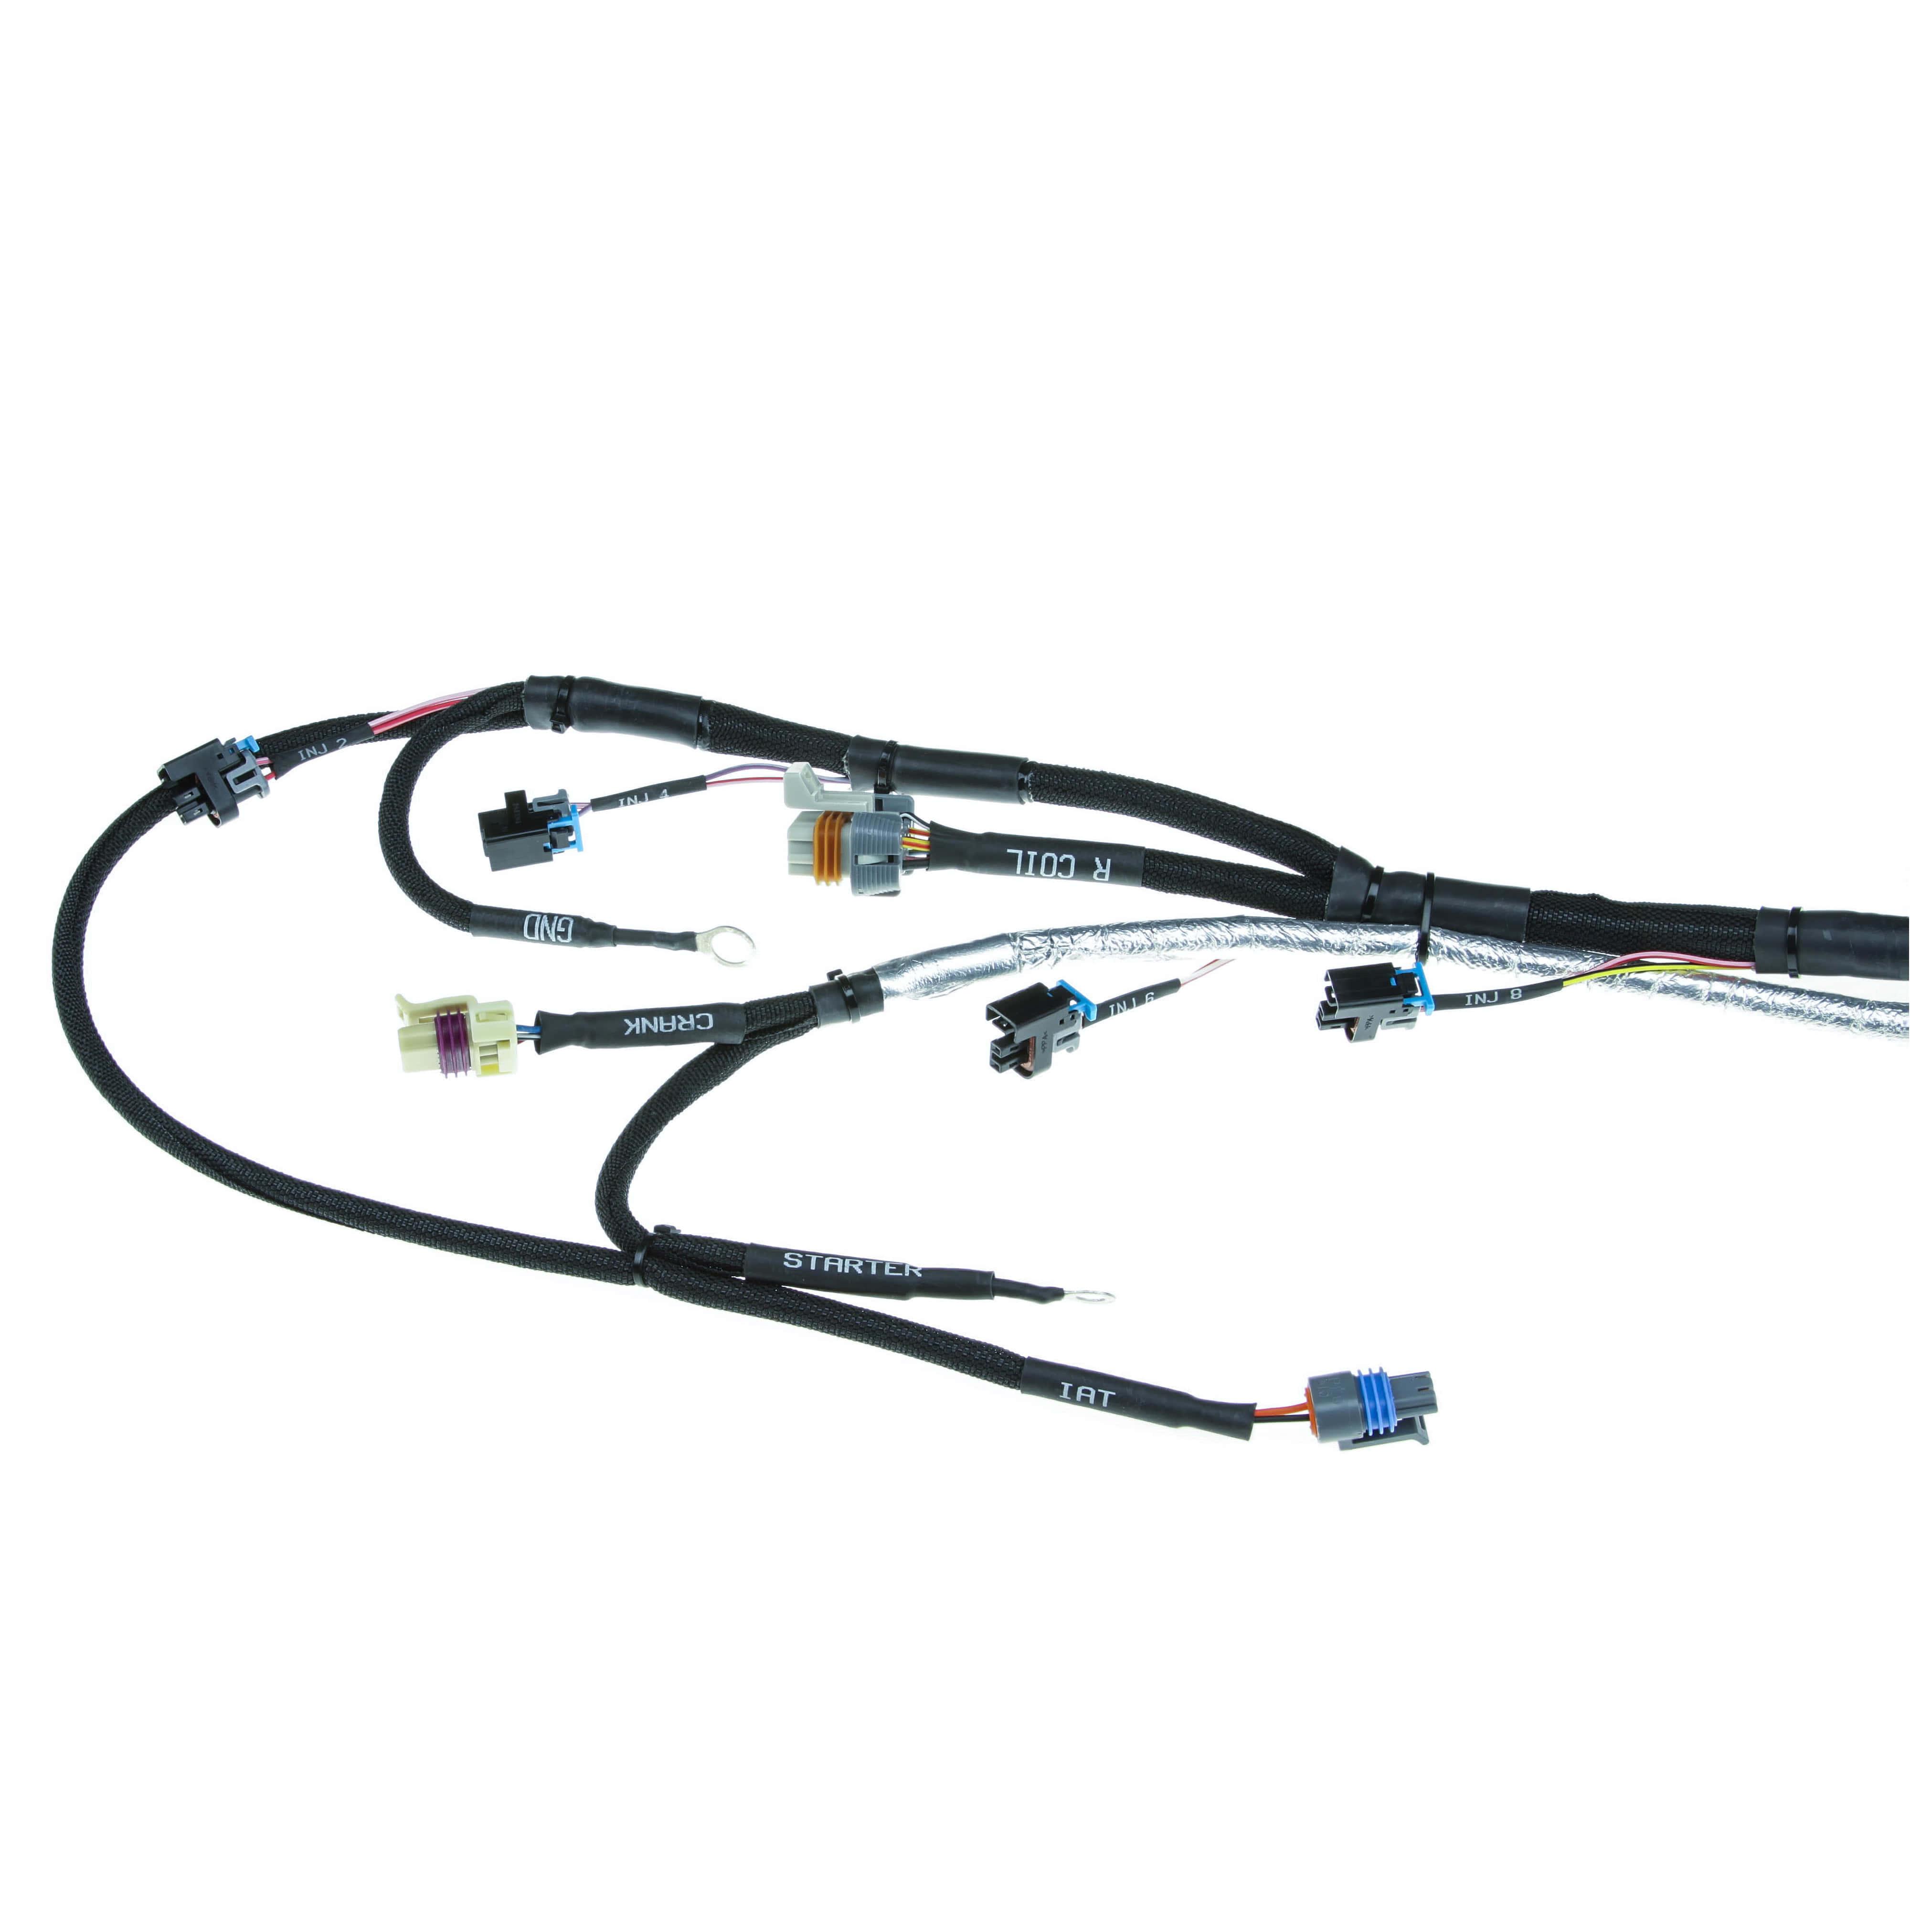 Obd0 To Obd1 Conversion Harness Wiring Diagram